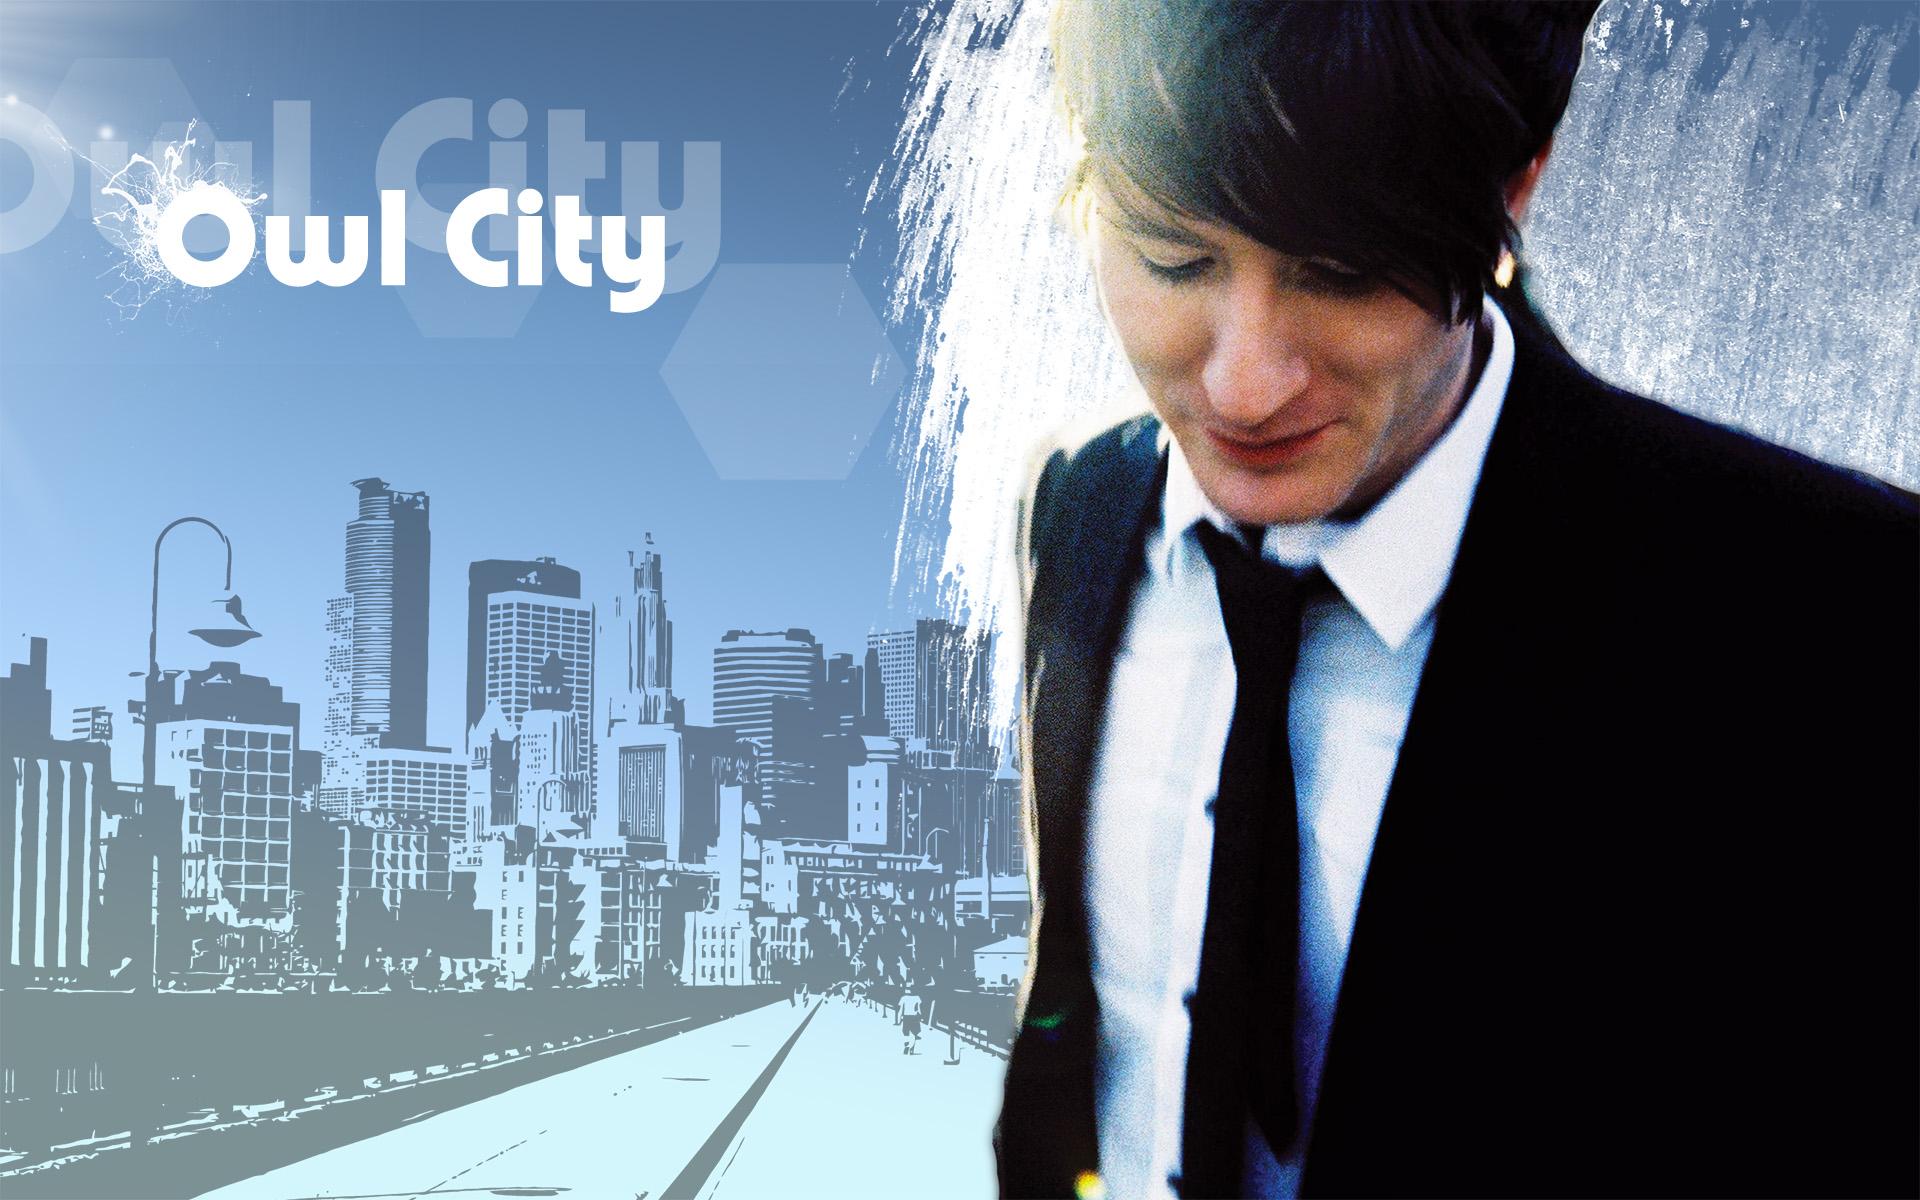 Owl City Tour Dates Uk